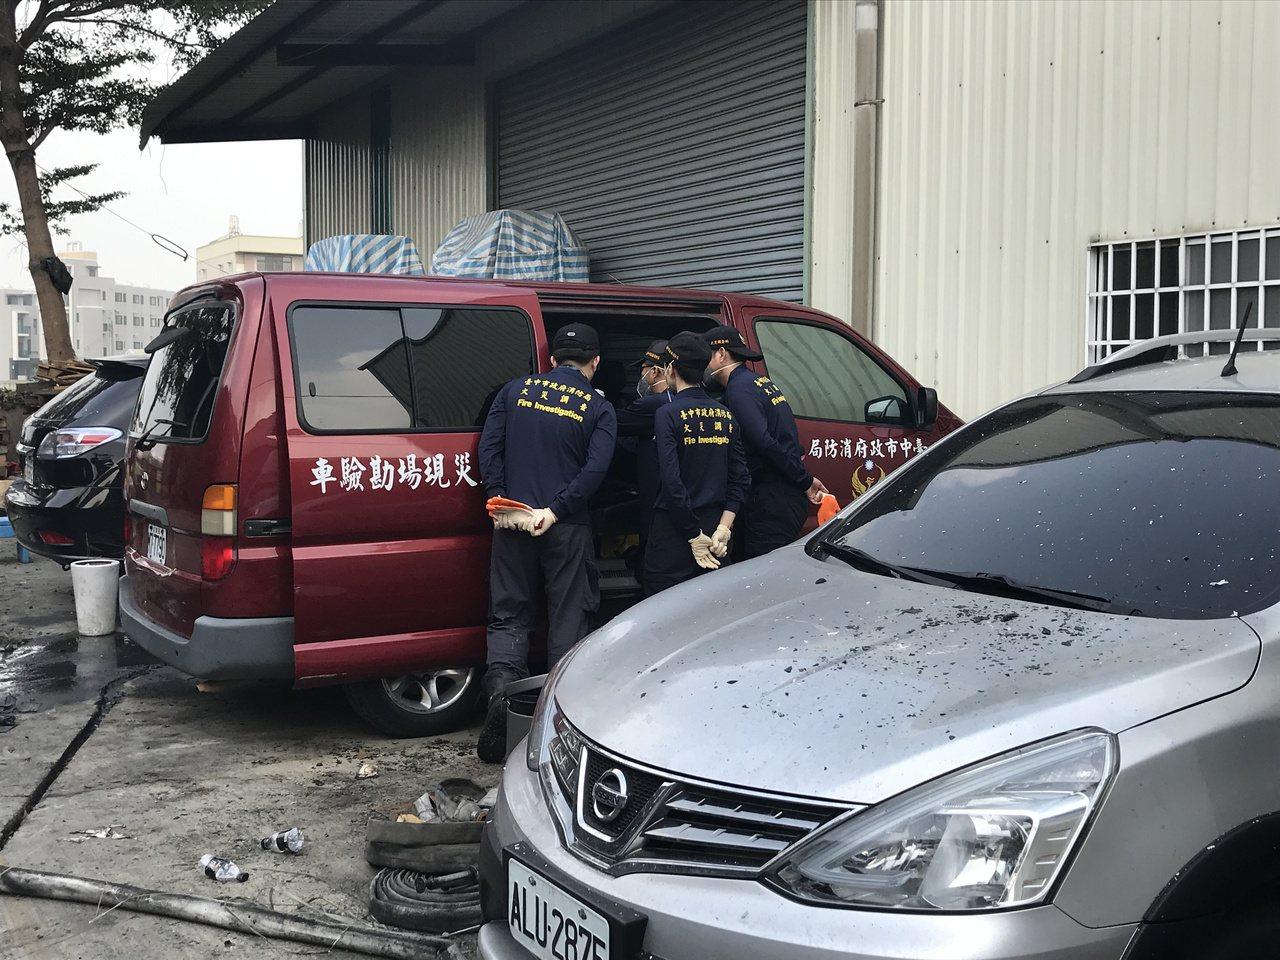 台中市消防局火調科人員一早進駐火警現場,進行勘驗。記者林佩均/攝影